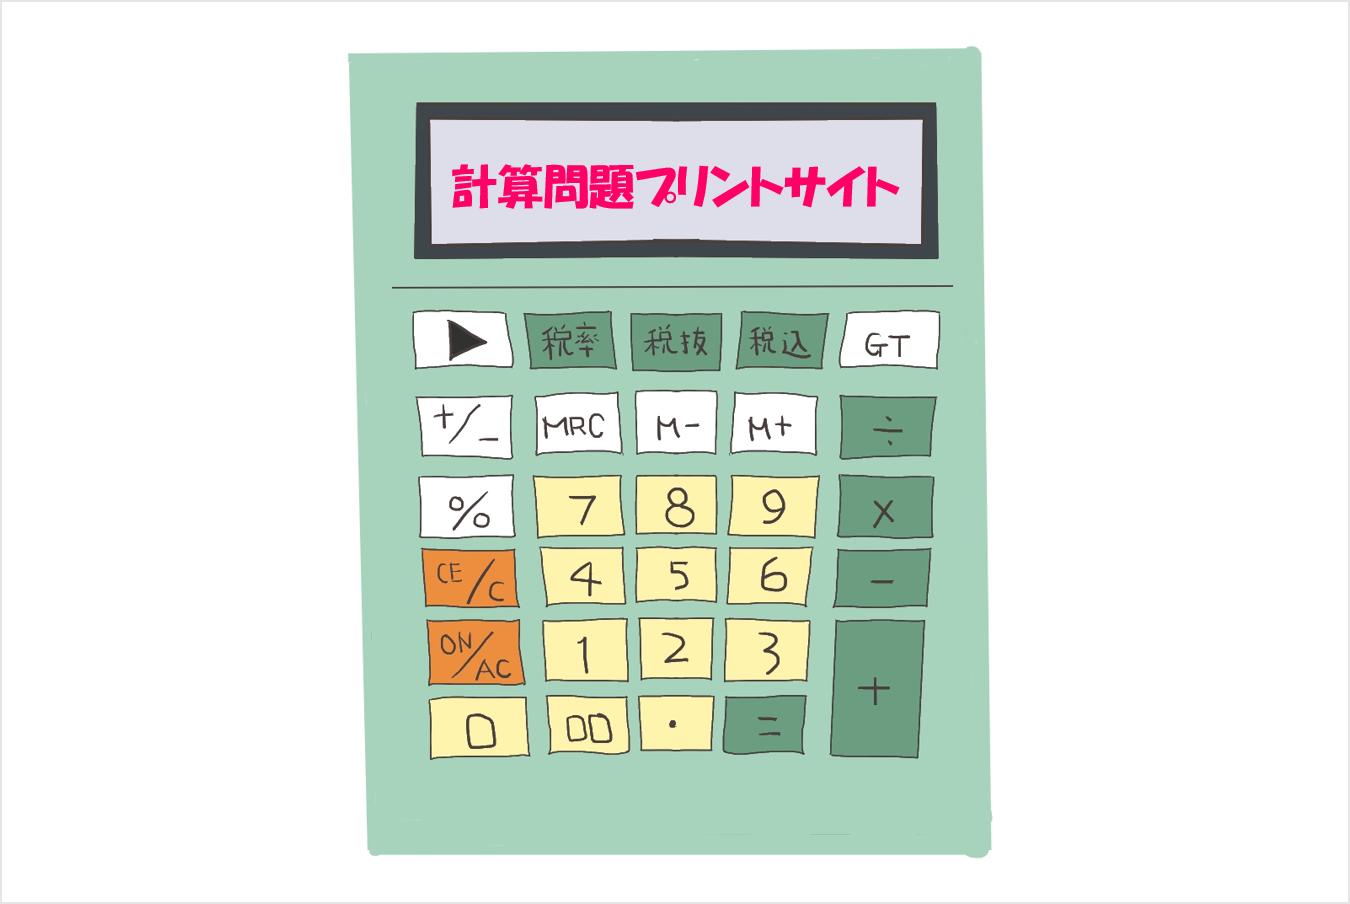 高齢者向け計算問題プリント無料でゲットできるおすすめサイト15選